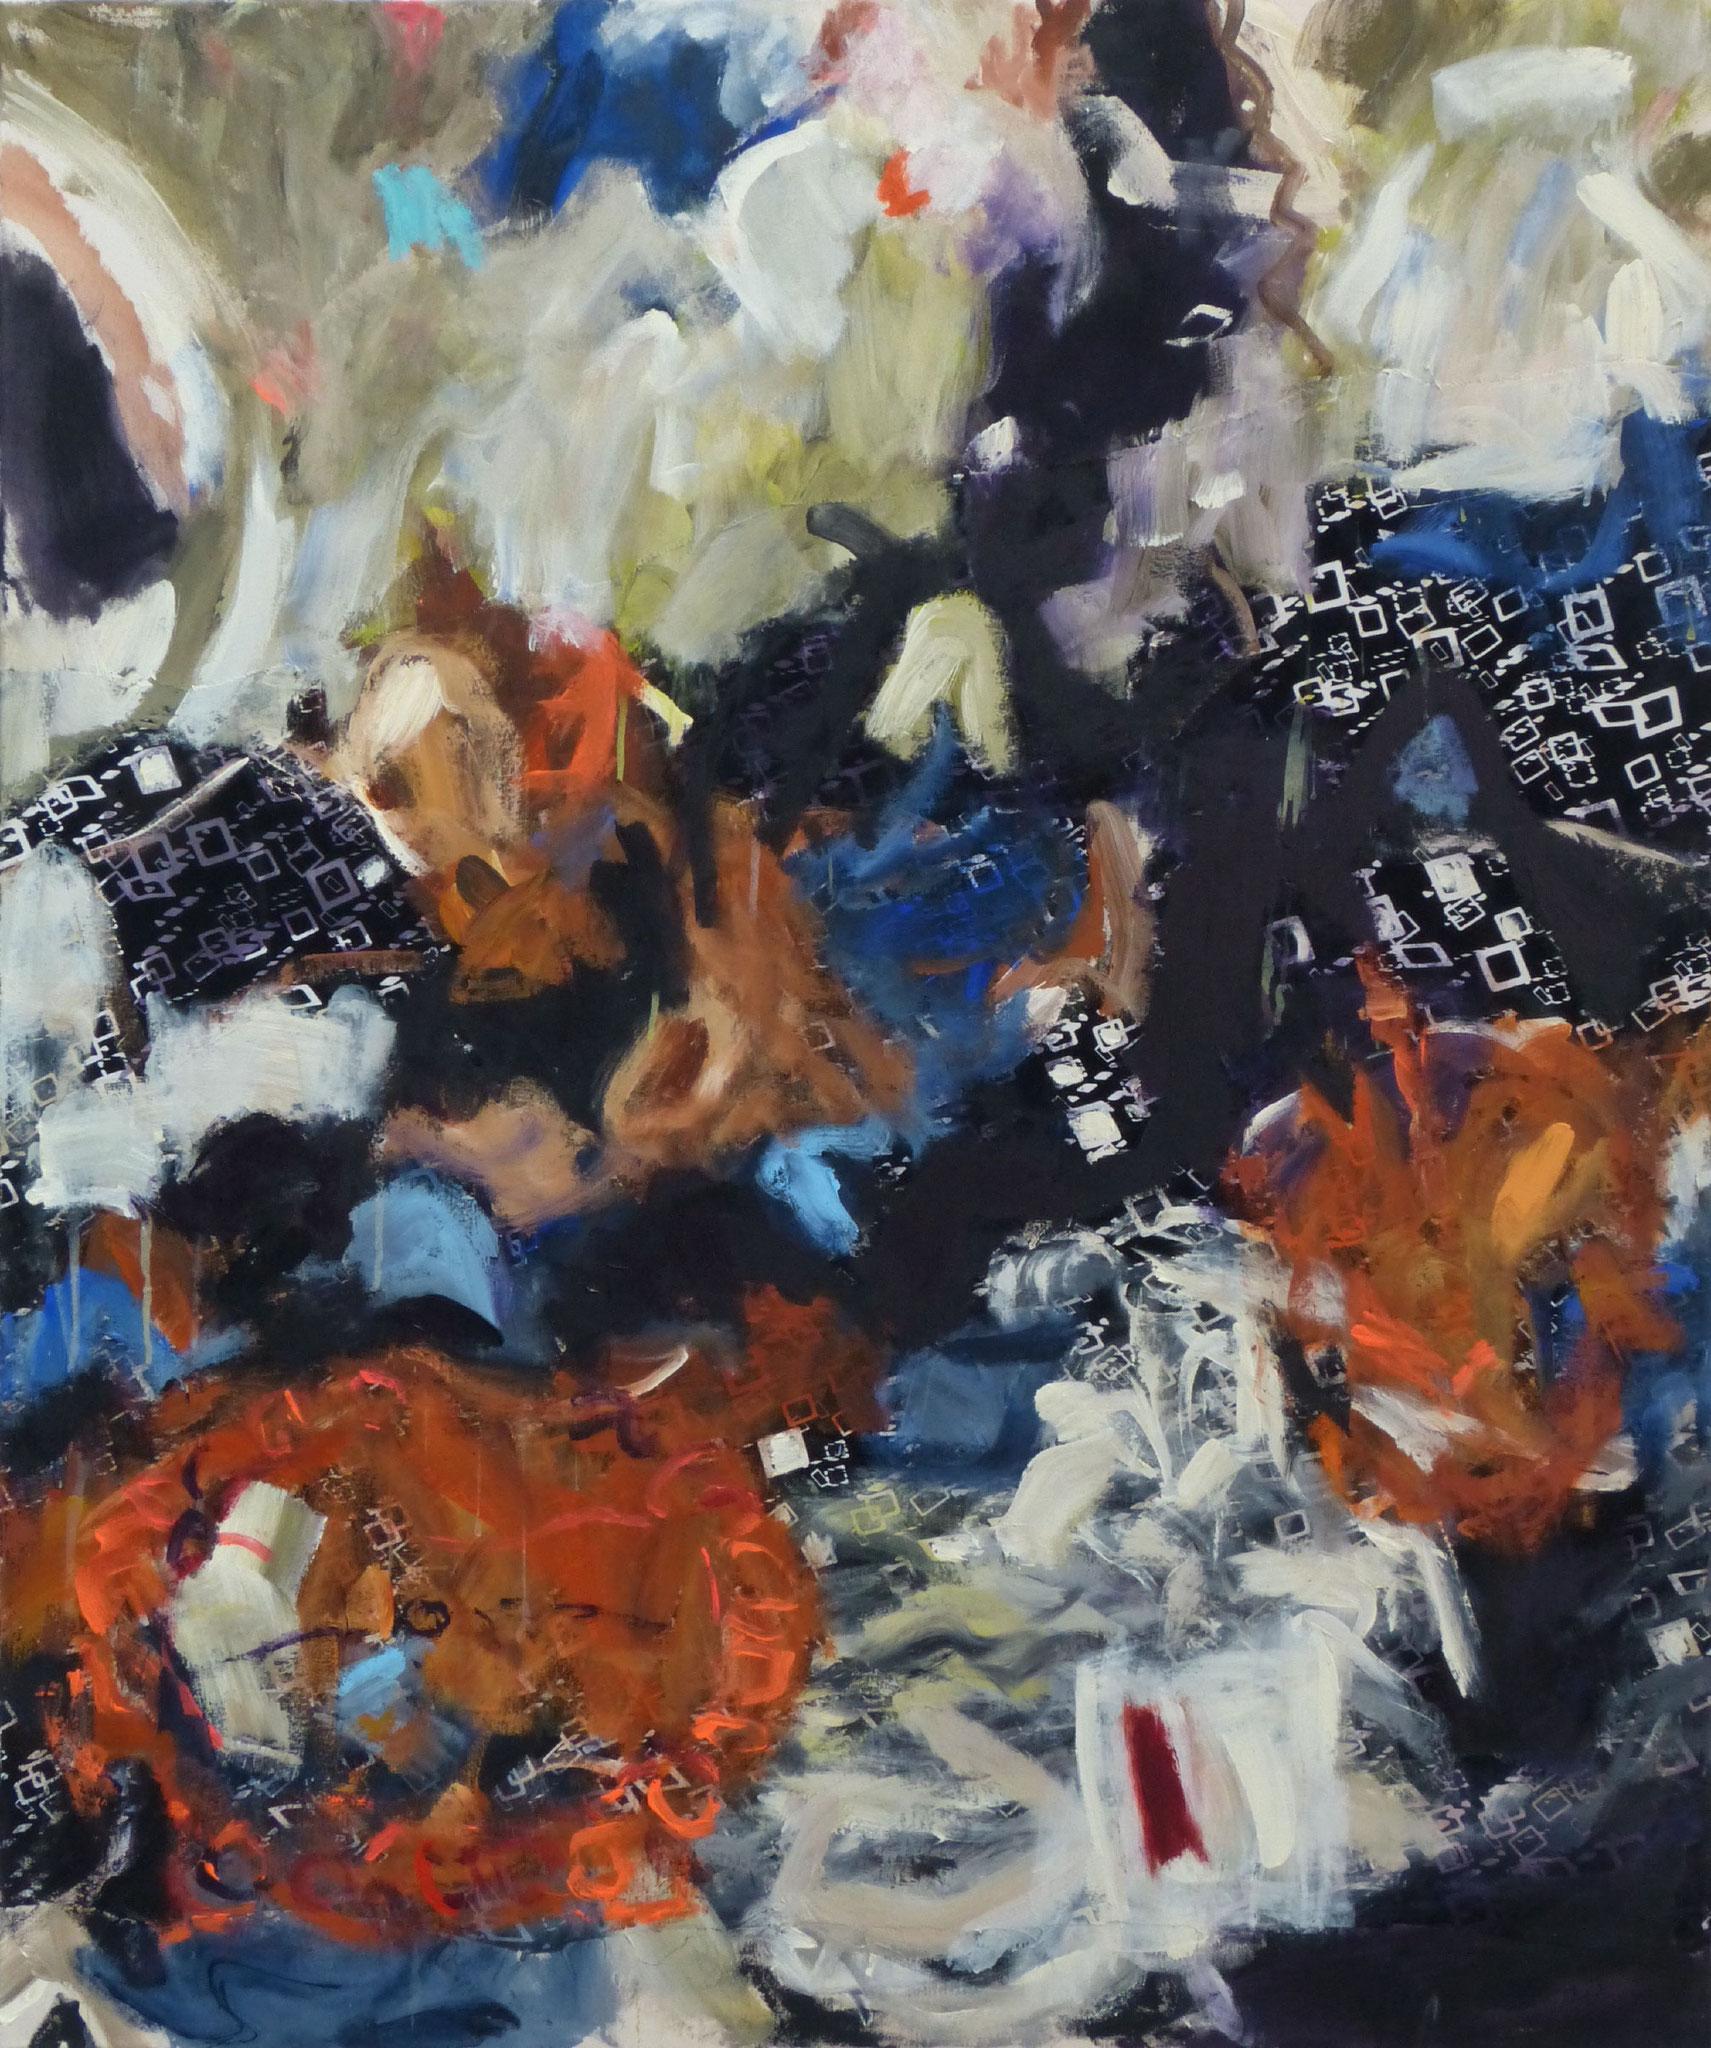 Marrakesch 3,  Acryl/Leinwand, 120x100 cm, 2018